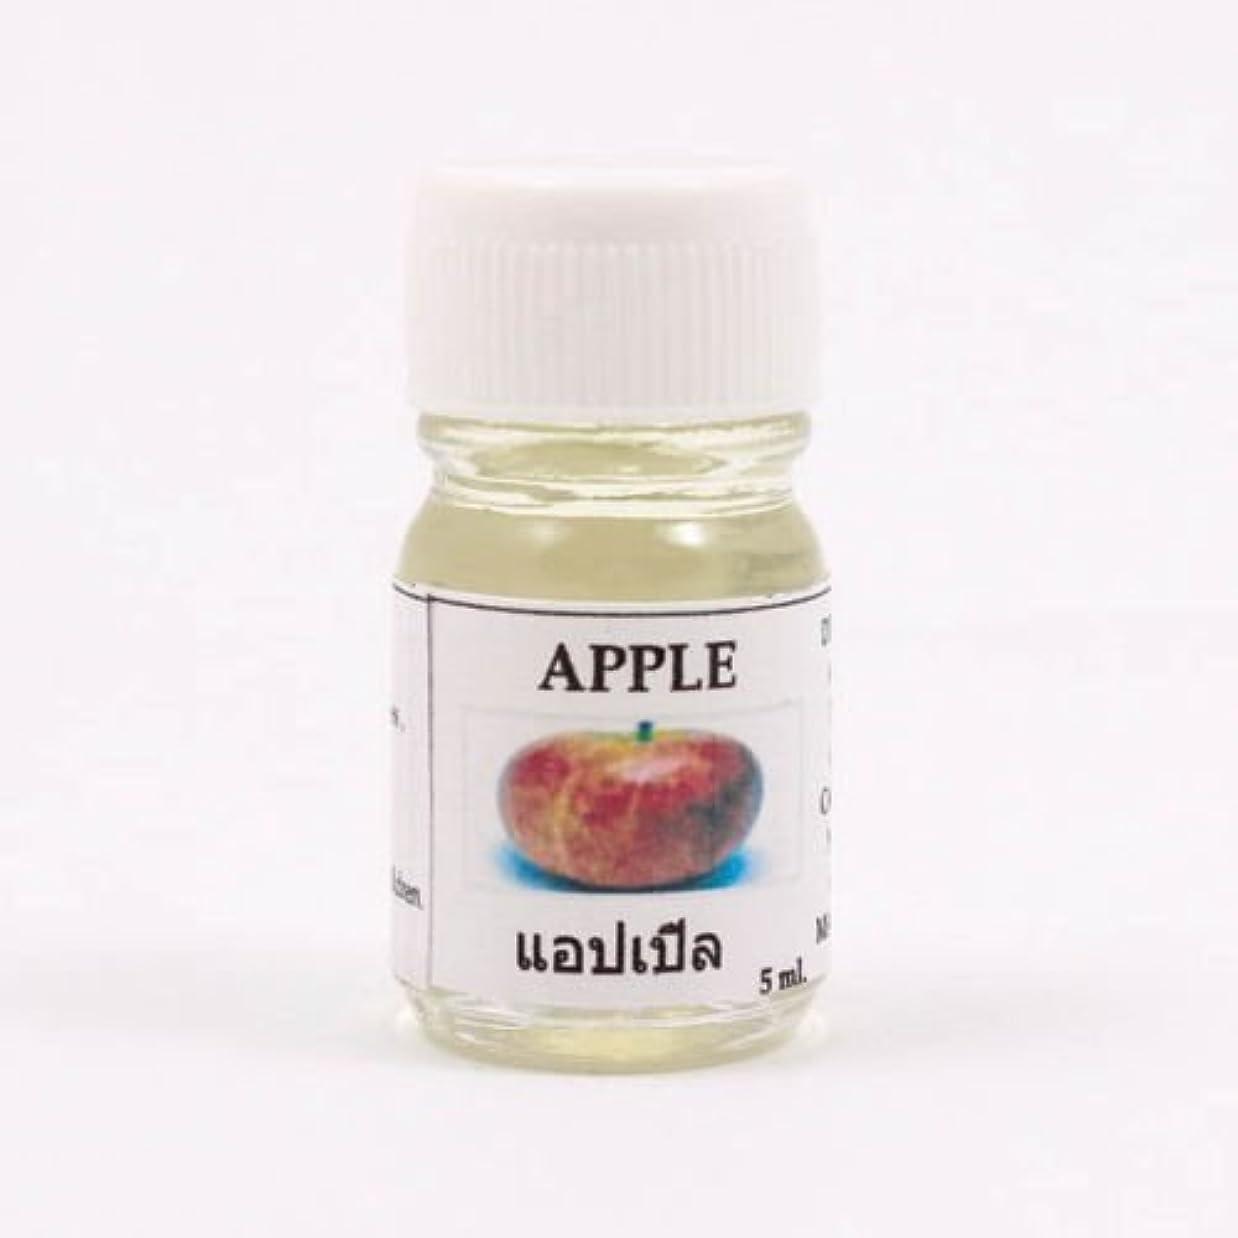 魅力必要とするスケッチ6X Apple Aroma Fragrance Essential Oil 5ML cc Diffuser Burner Therapy